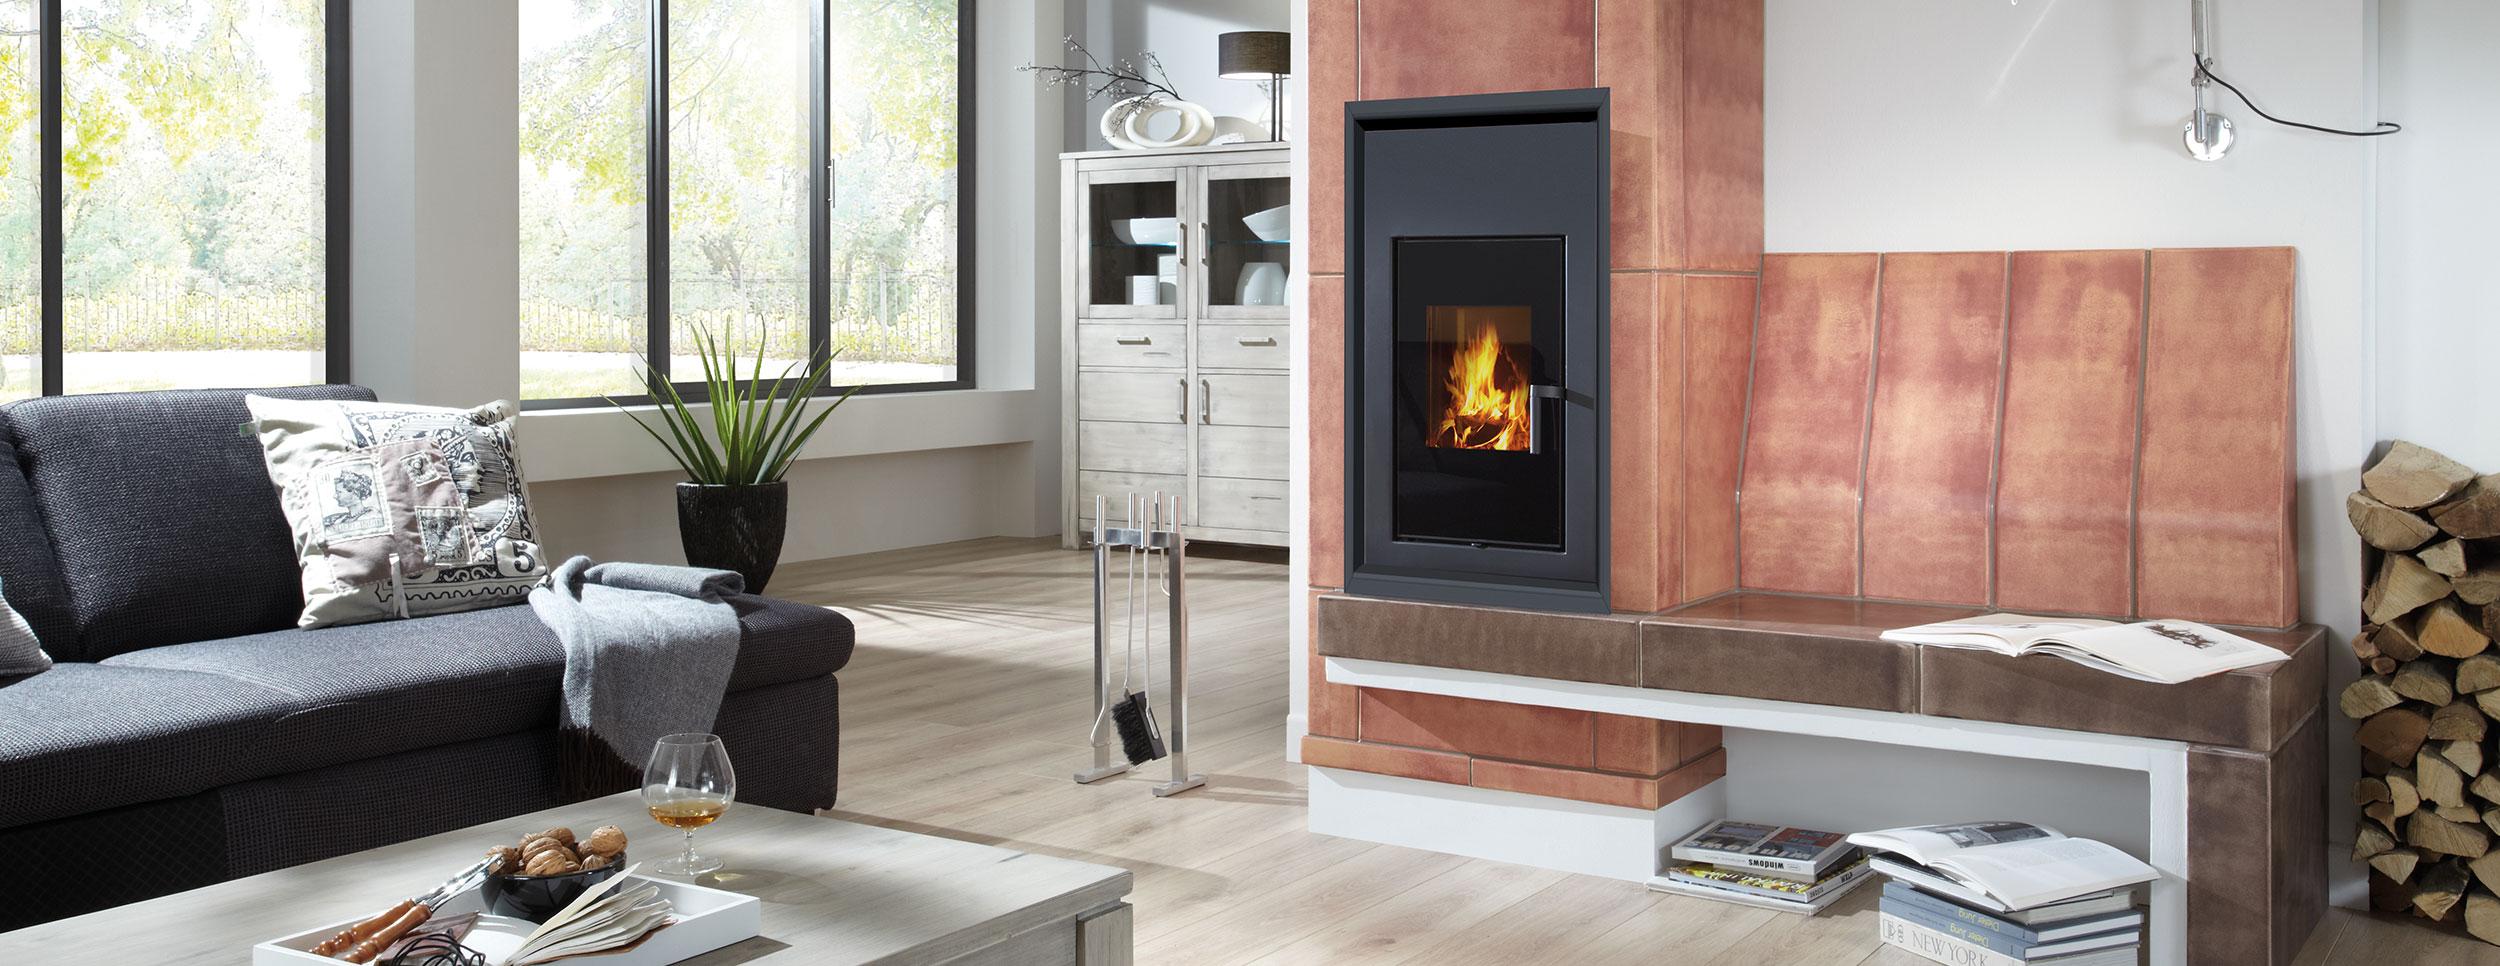 kachelofen heizeinsatz change hb ortrand heizeinsatz. Black Bedroom Furniture Sets. Home Design Ideas